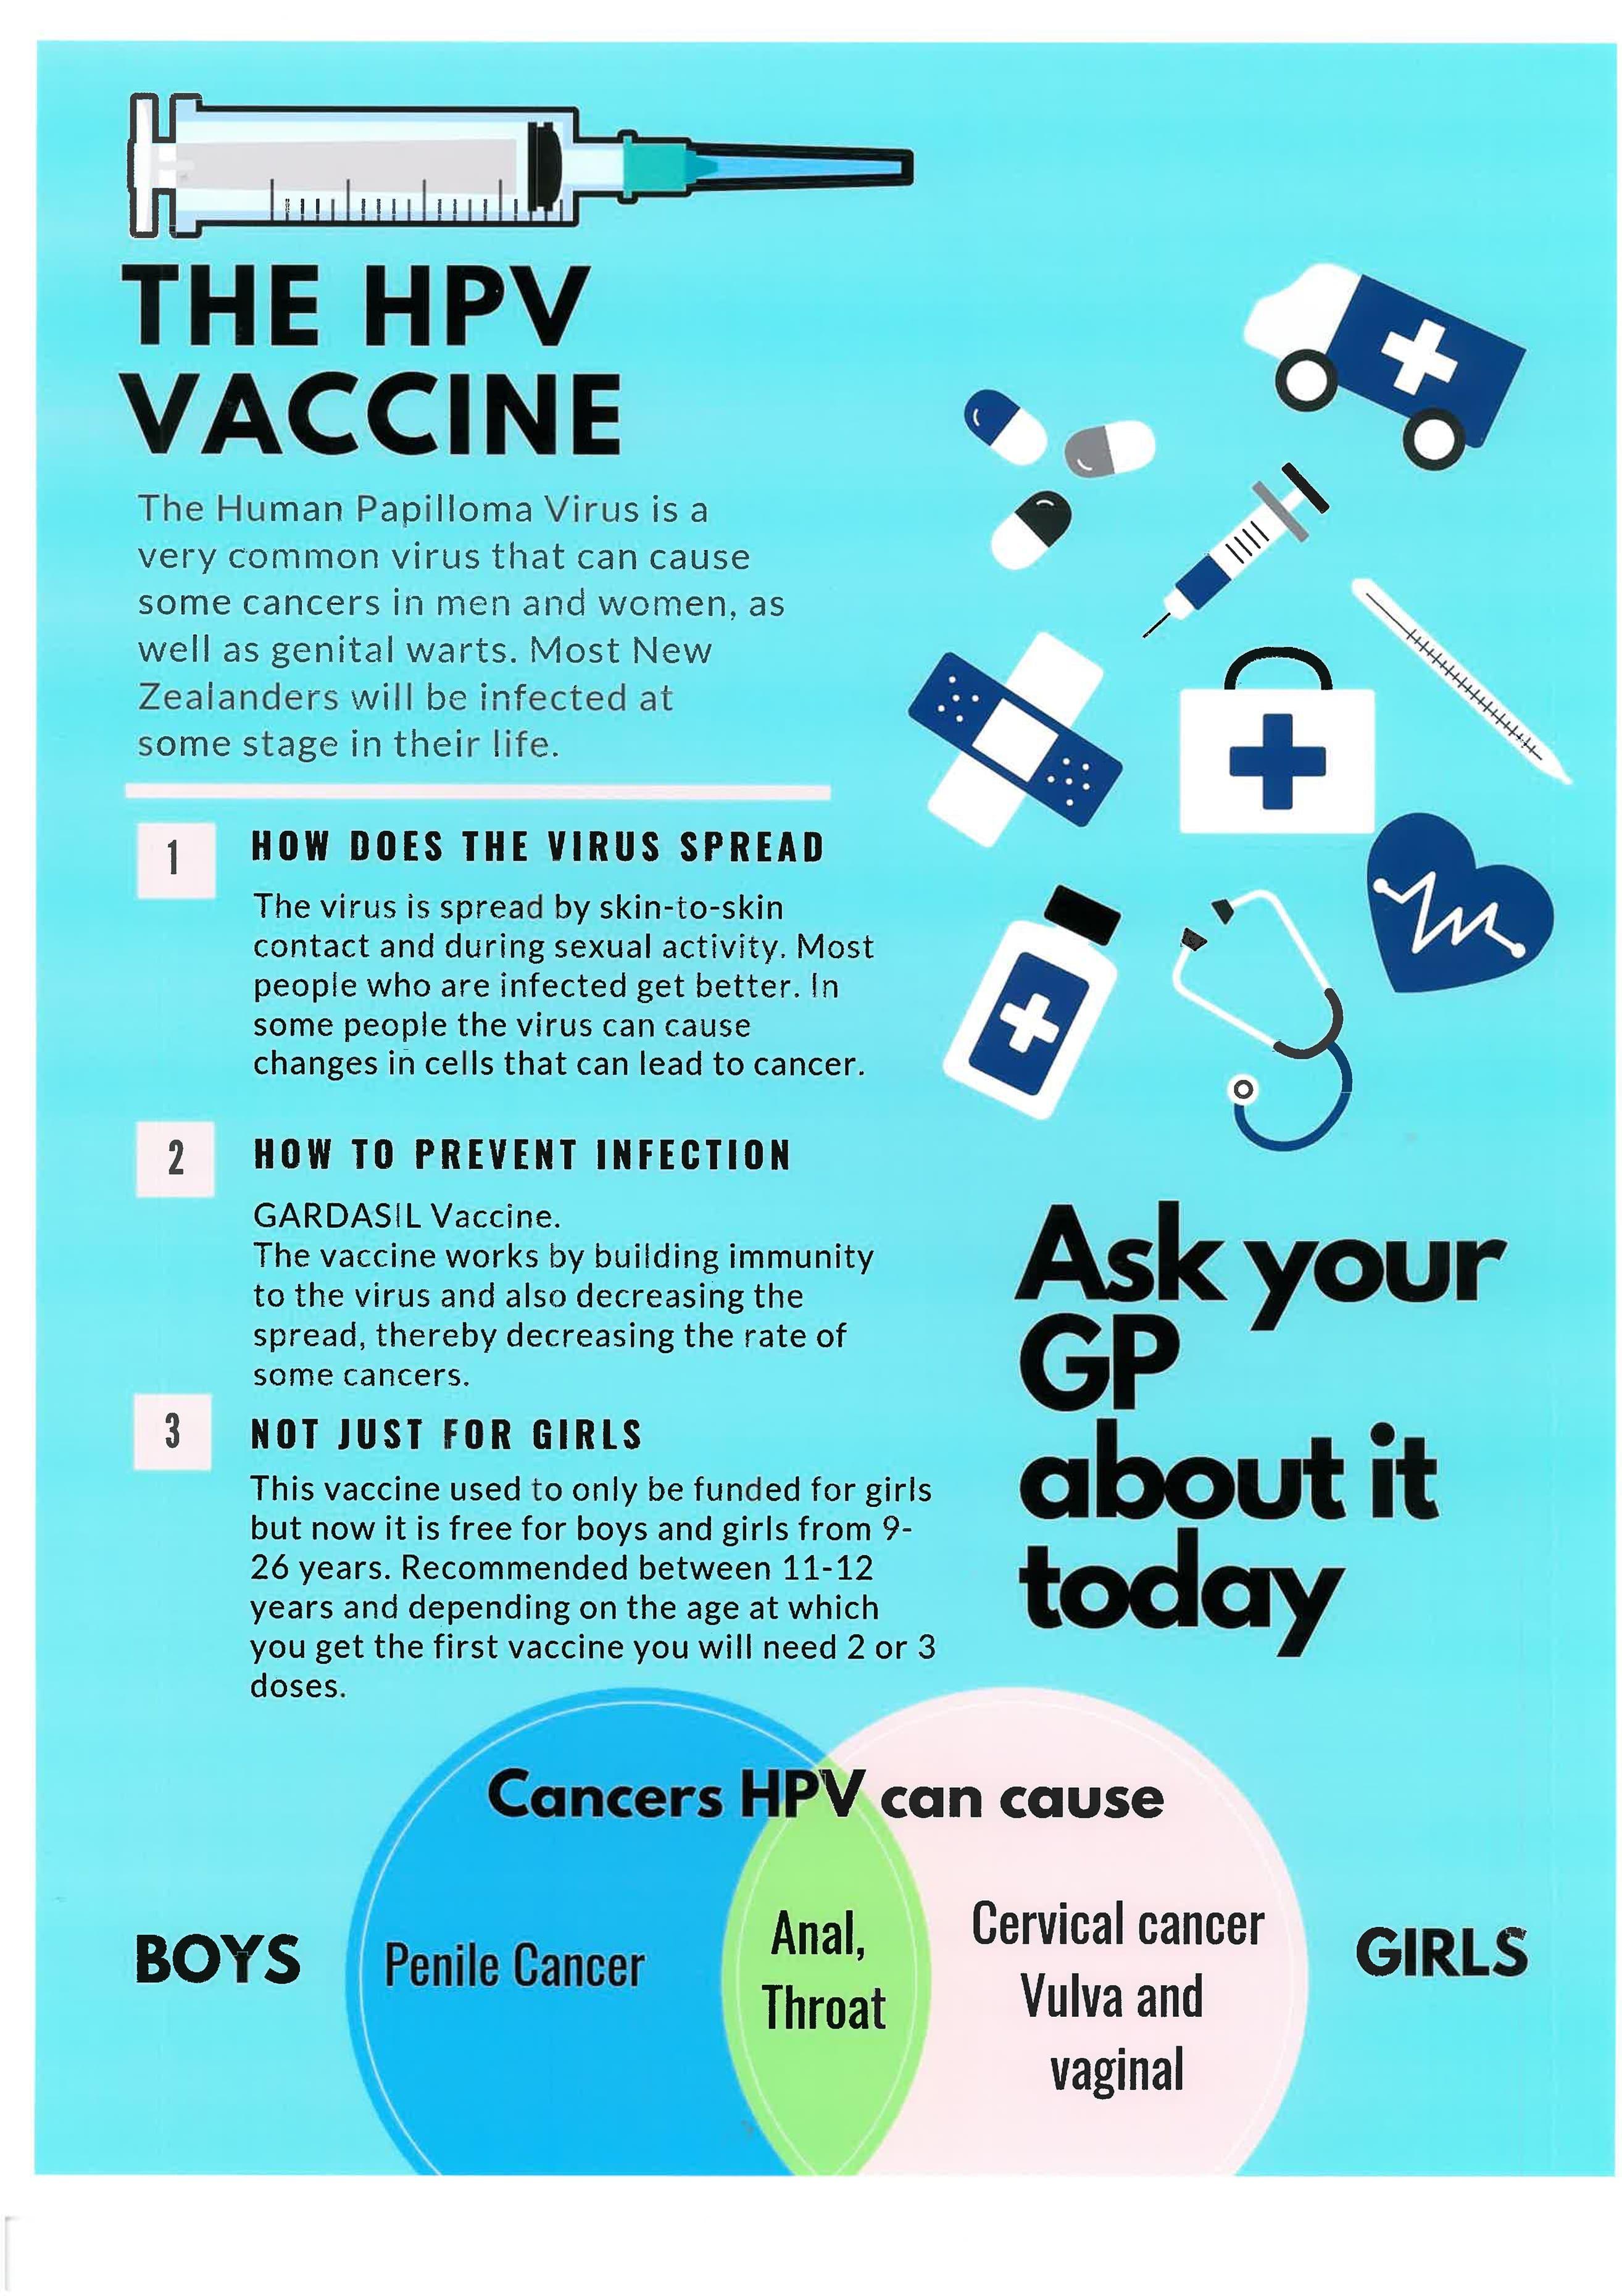 Hpv virus vaccine nz, Human papillomavirus infection nz, Human papillomavirus infection nz